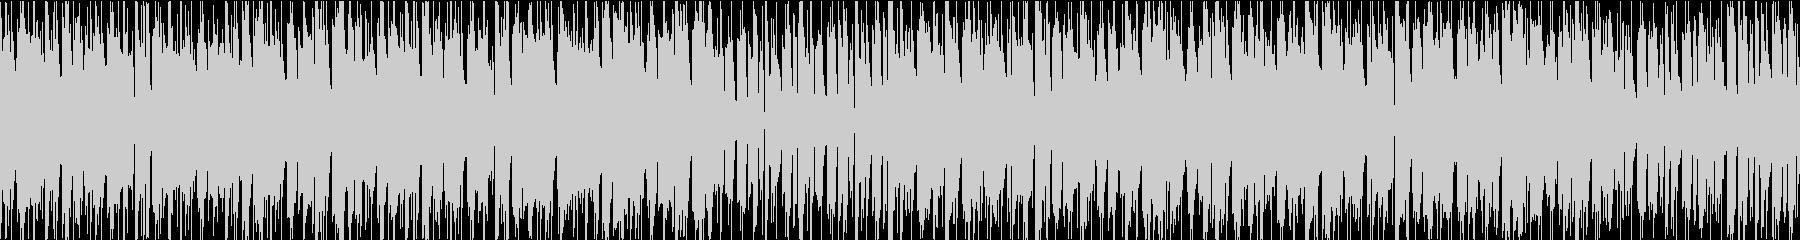 ほのぼのとした雰囲気のポップス ループ可の未再生の波形